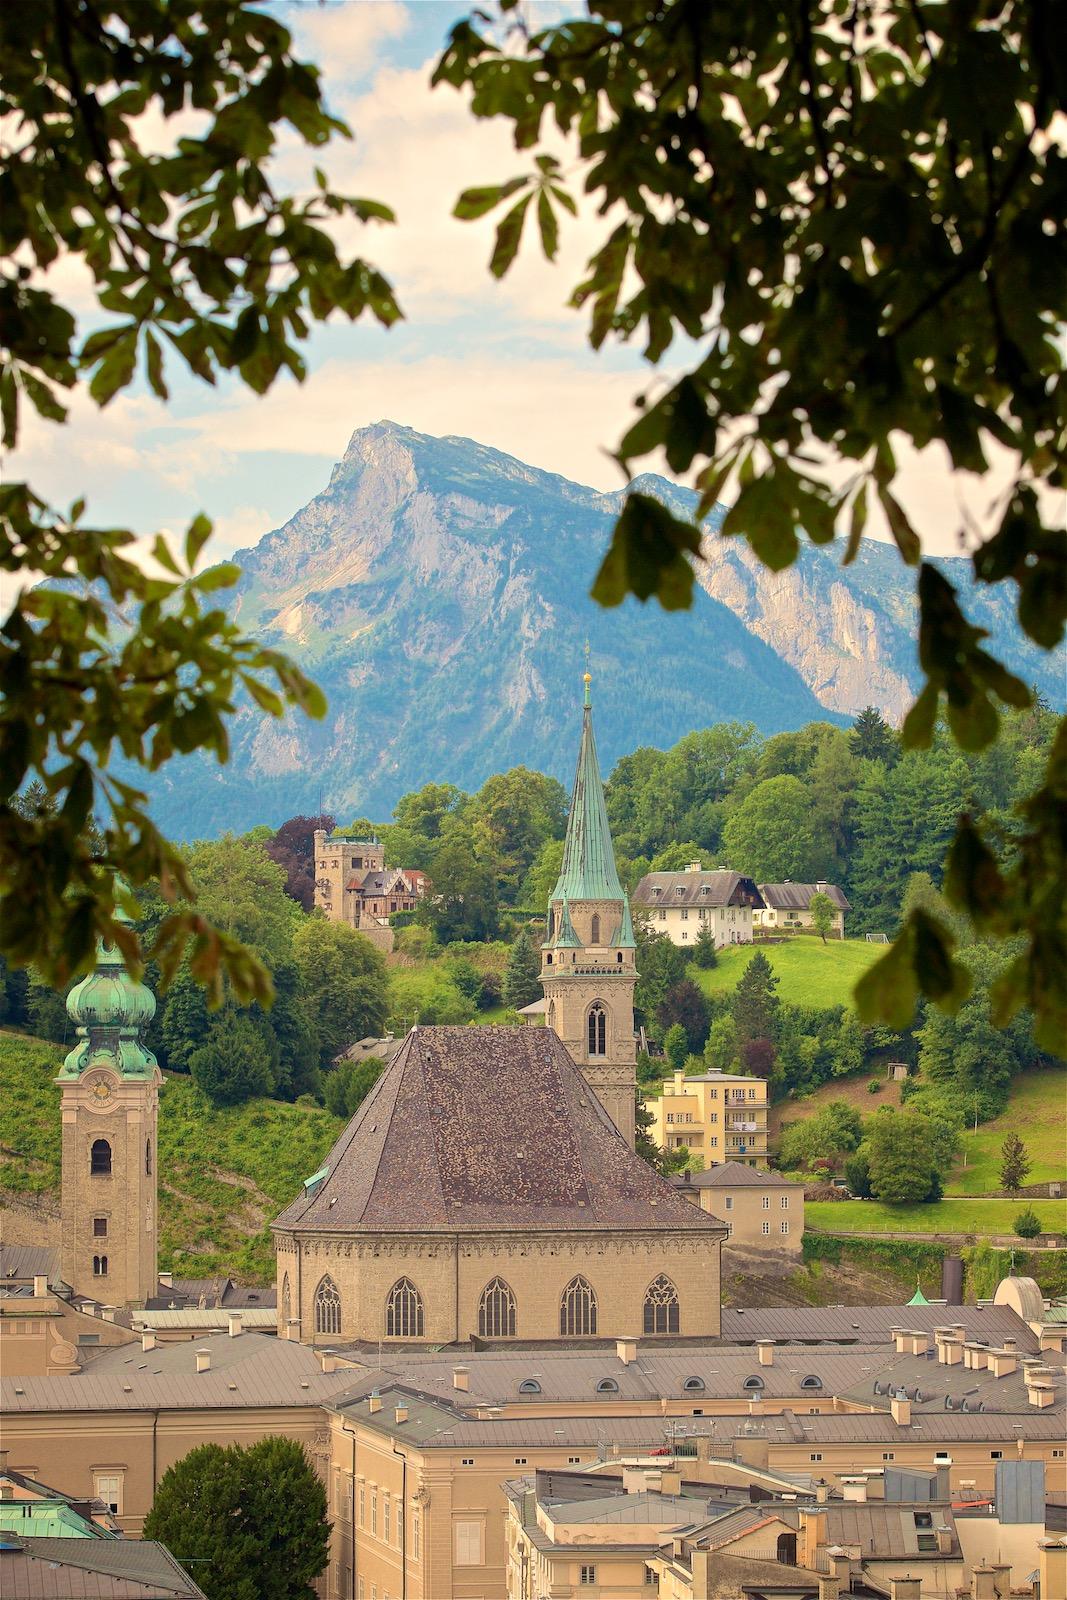 Salzburg rejseguide